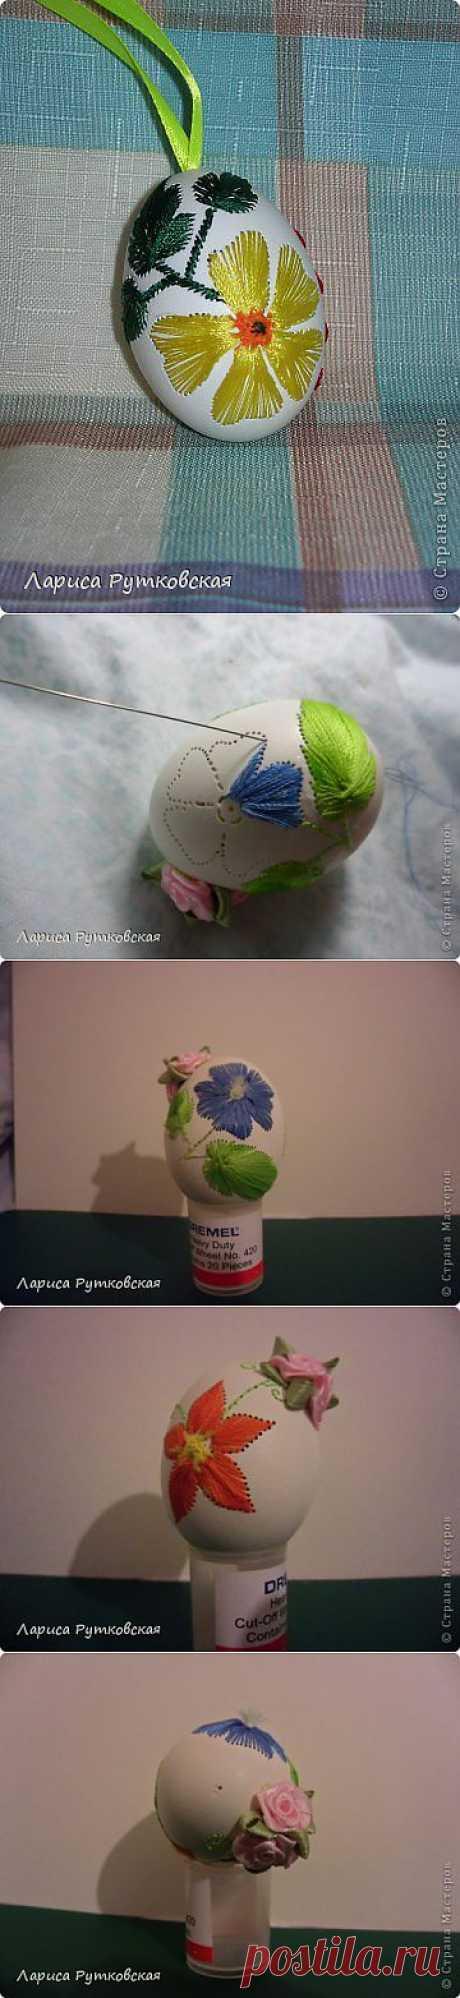 Как вышивать на куриных яйцах.